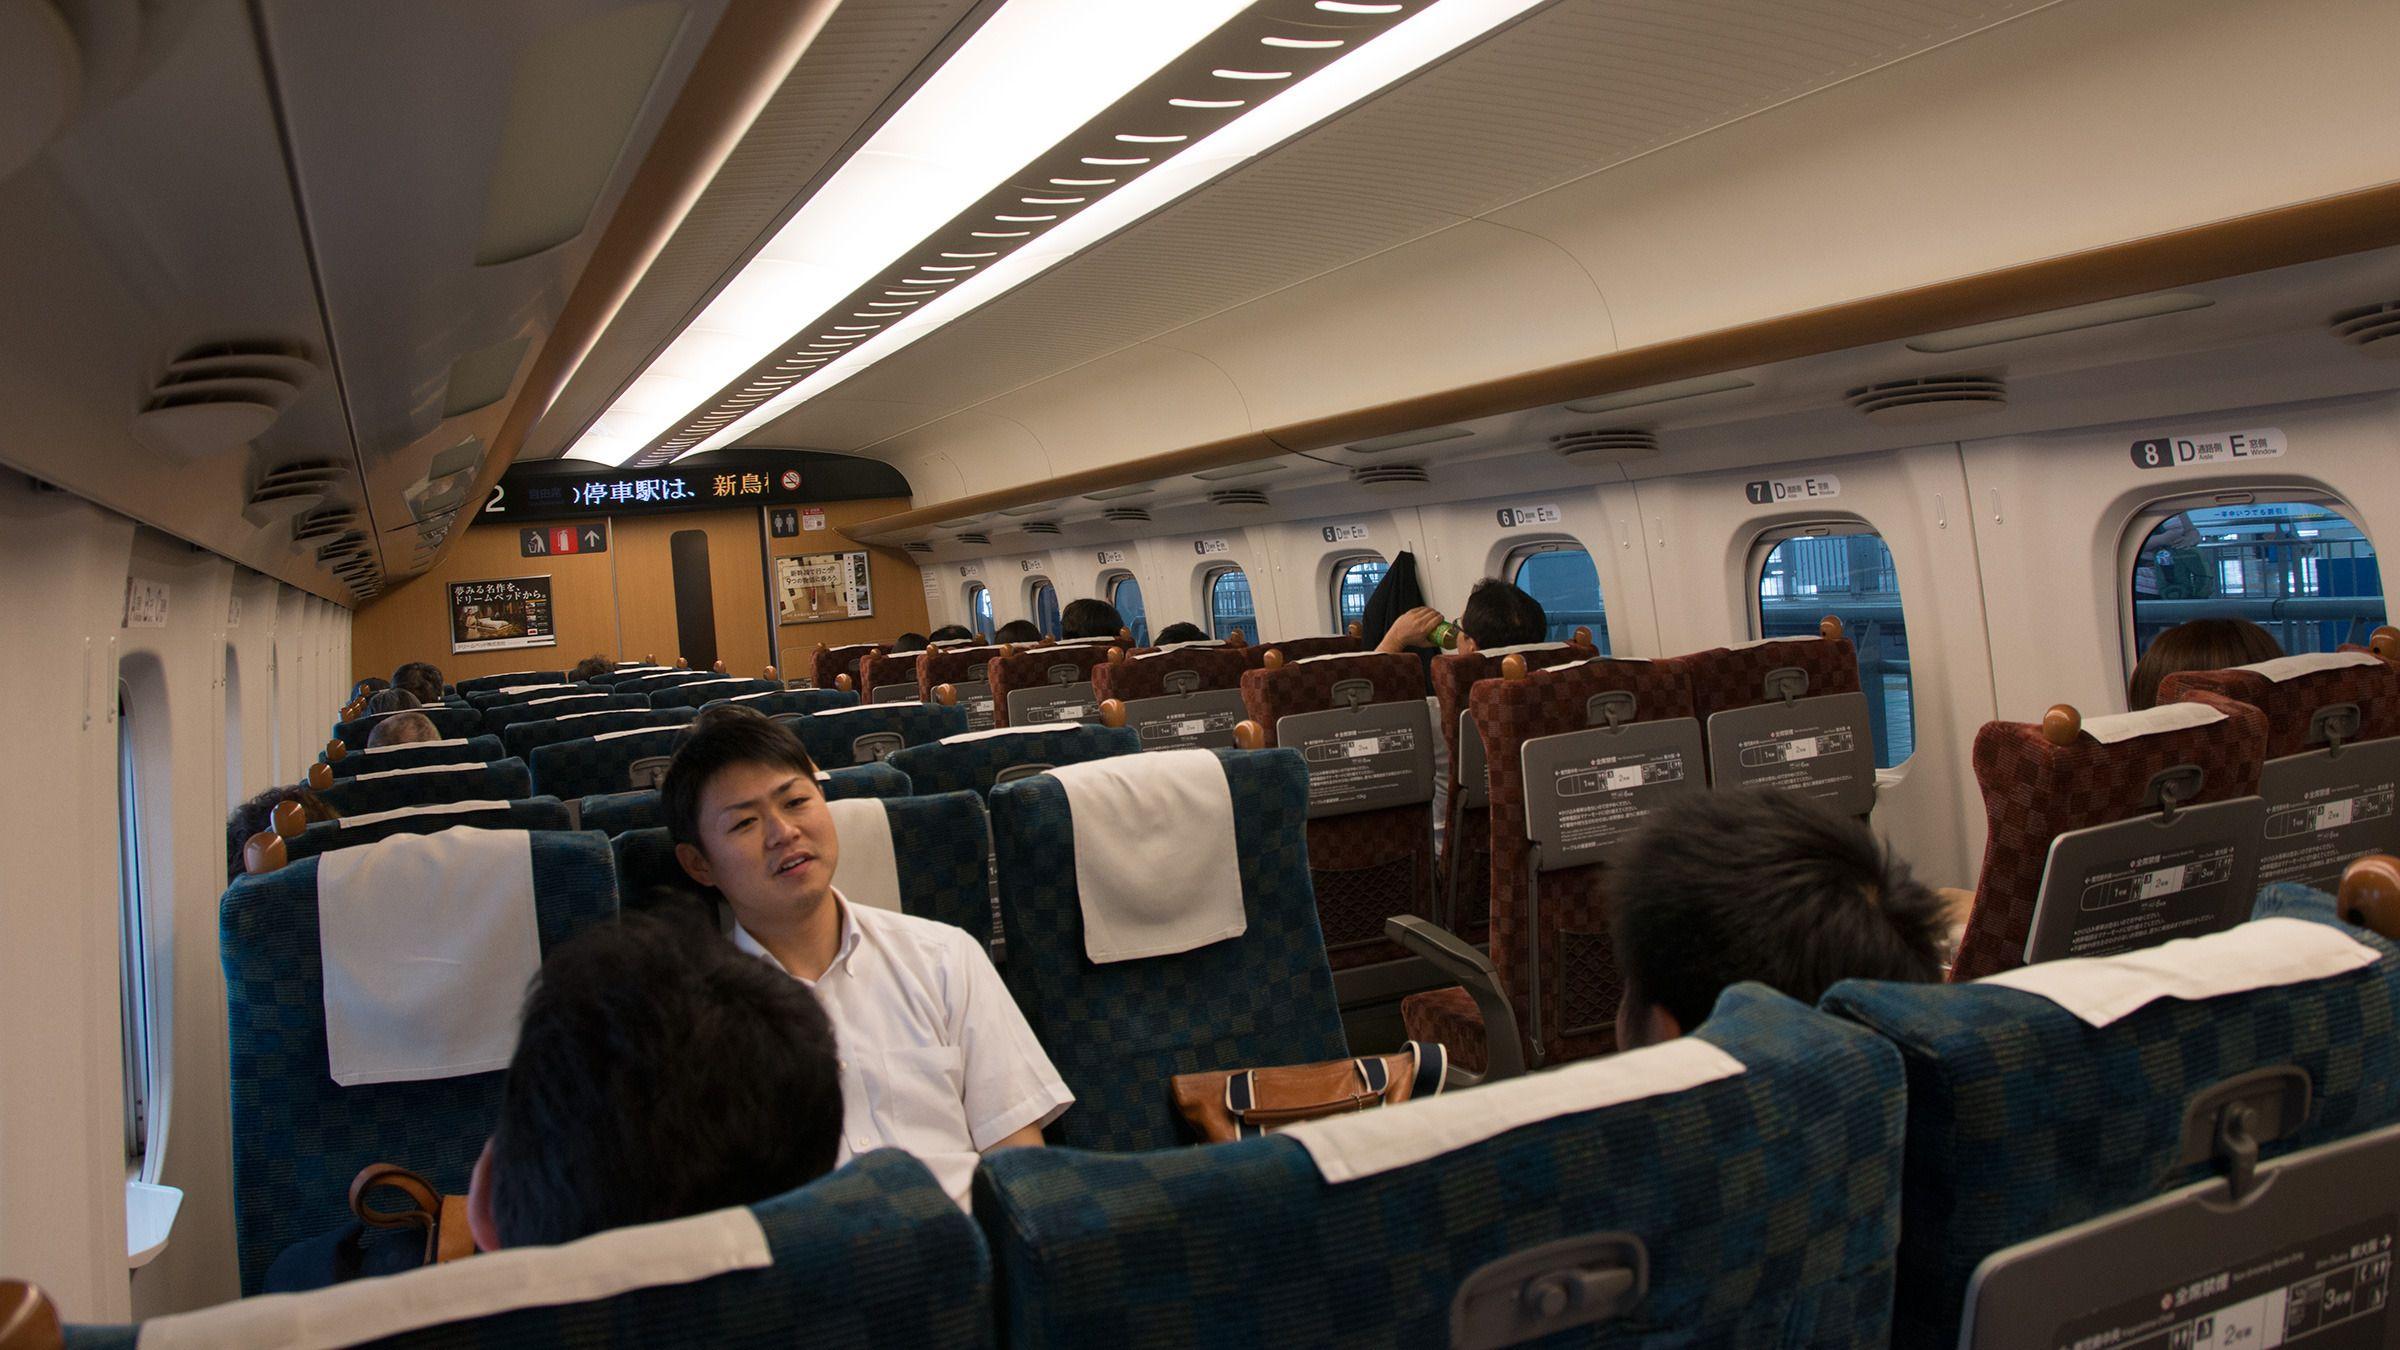 Hvis man er flere venner som skal reise sammen på Shinkansen, og det er godt med ledige plasser, lar stolradene seg enkelt vippe rundt for å danne en mer sosial sittegruppe. Den samme funksjonen gjør at hele togets interiør kan flippes rundt på et øyeblikk, slik at toget slipper å snu når det kommer til endestasjonene.Foto: Varg Aamo, Hardware.no